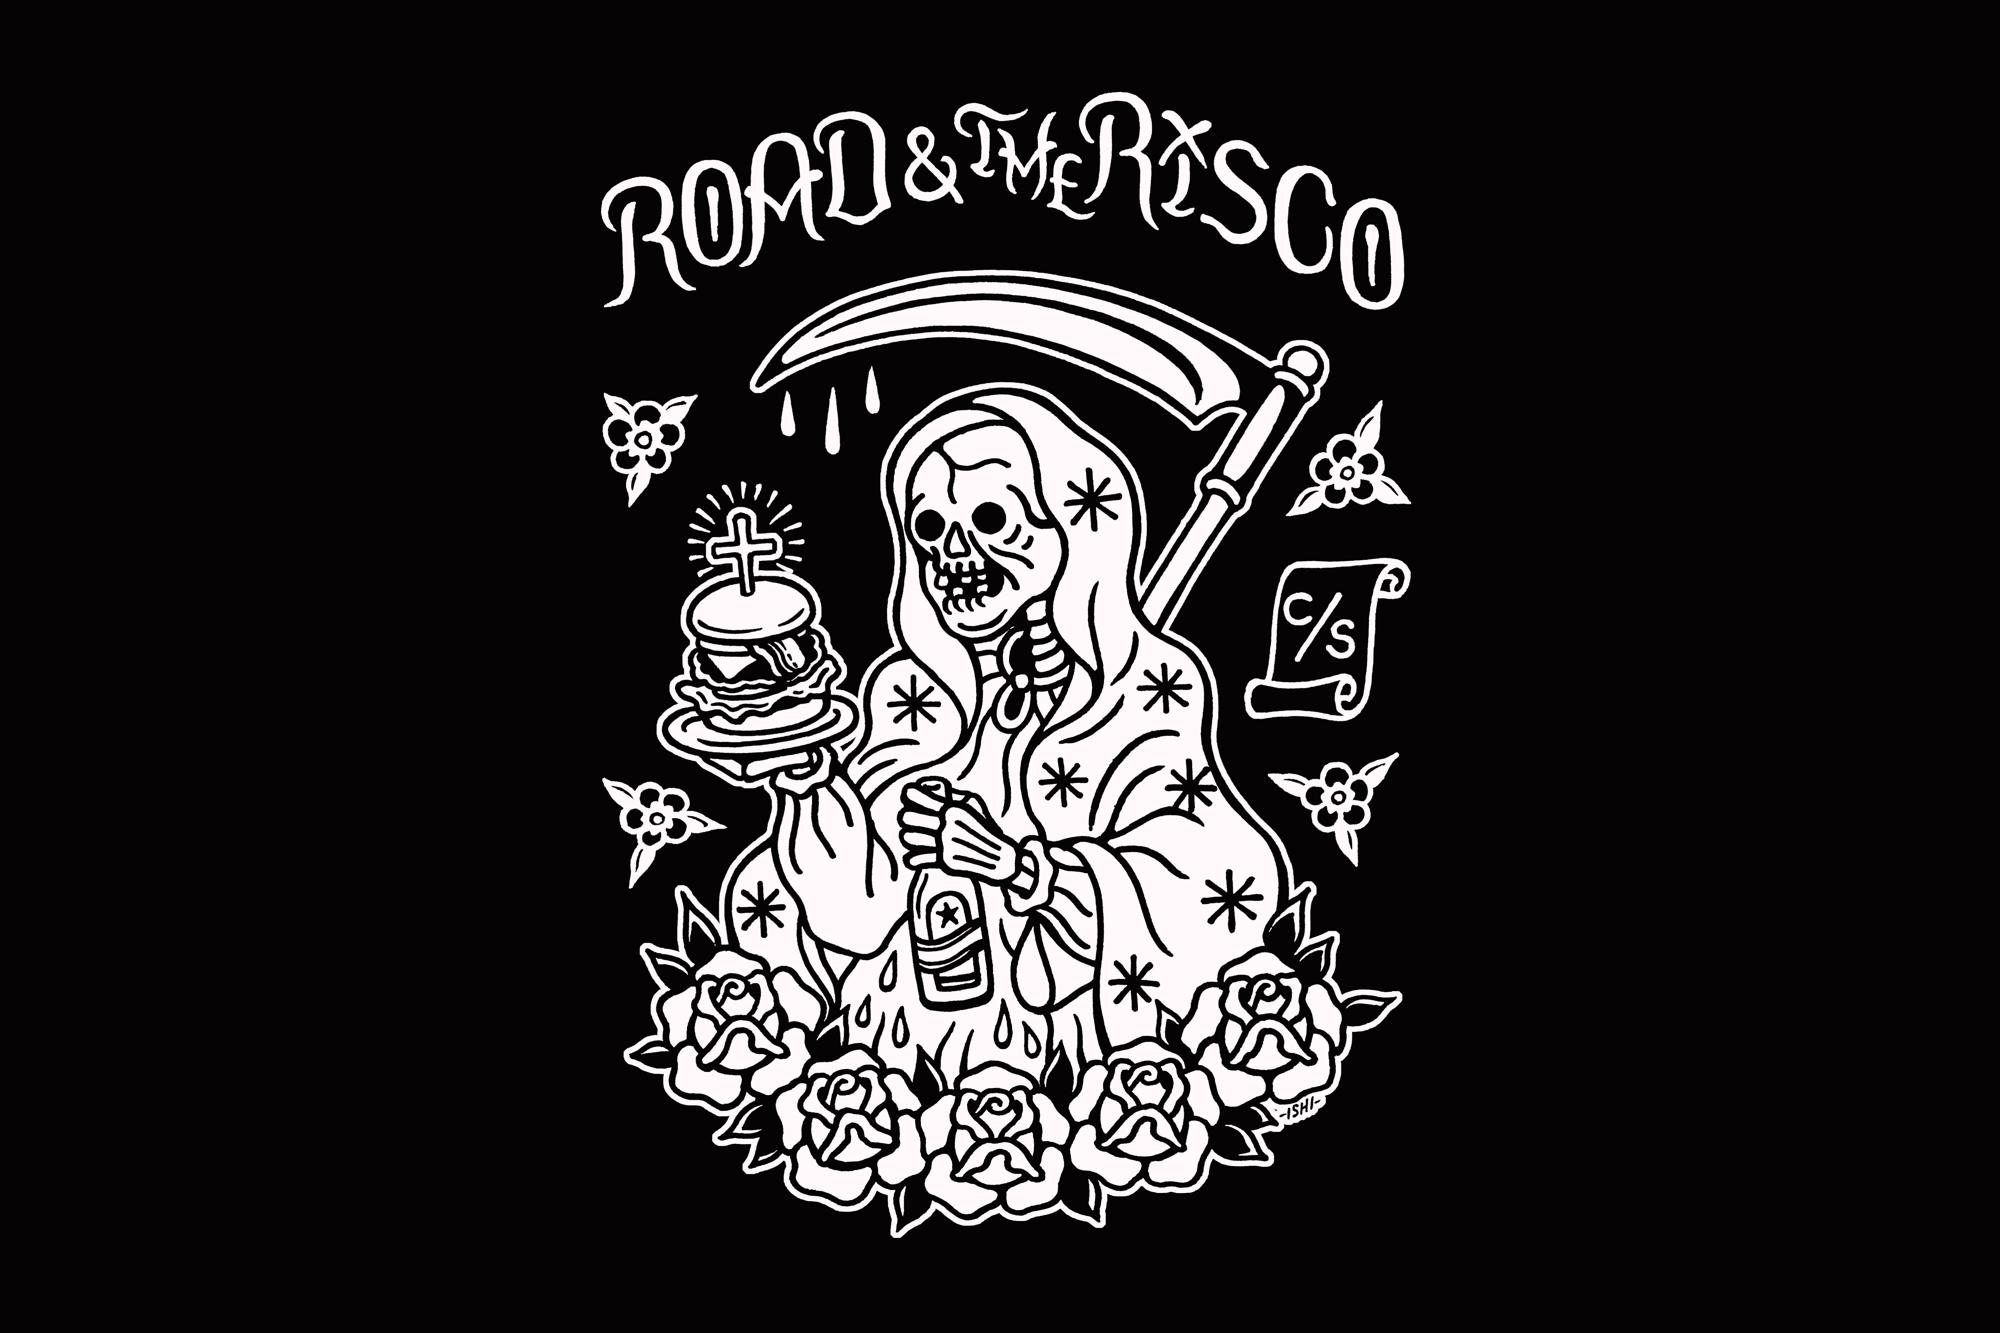 ROAD & THE RISCO